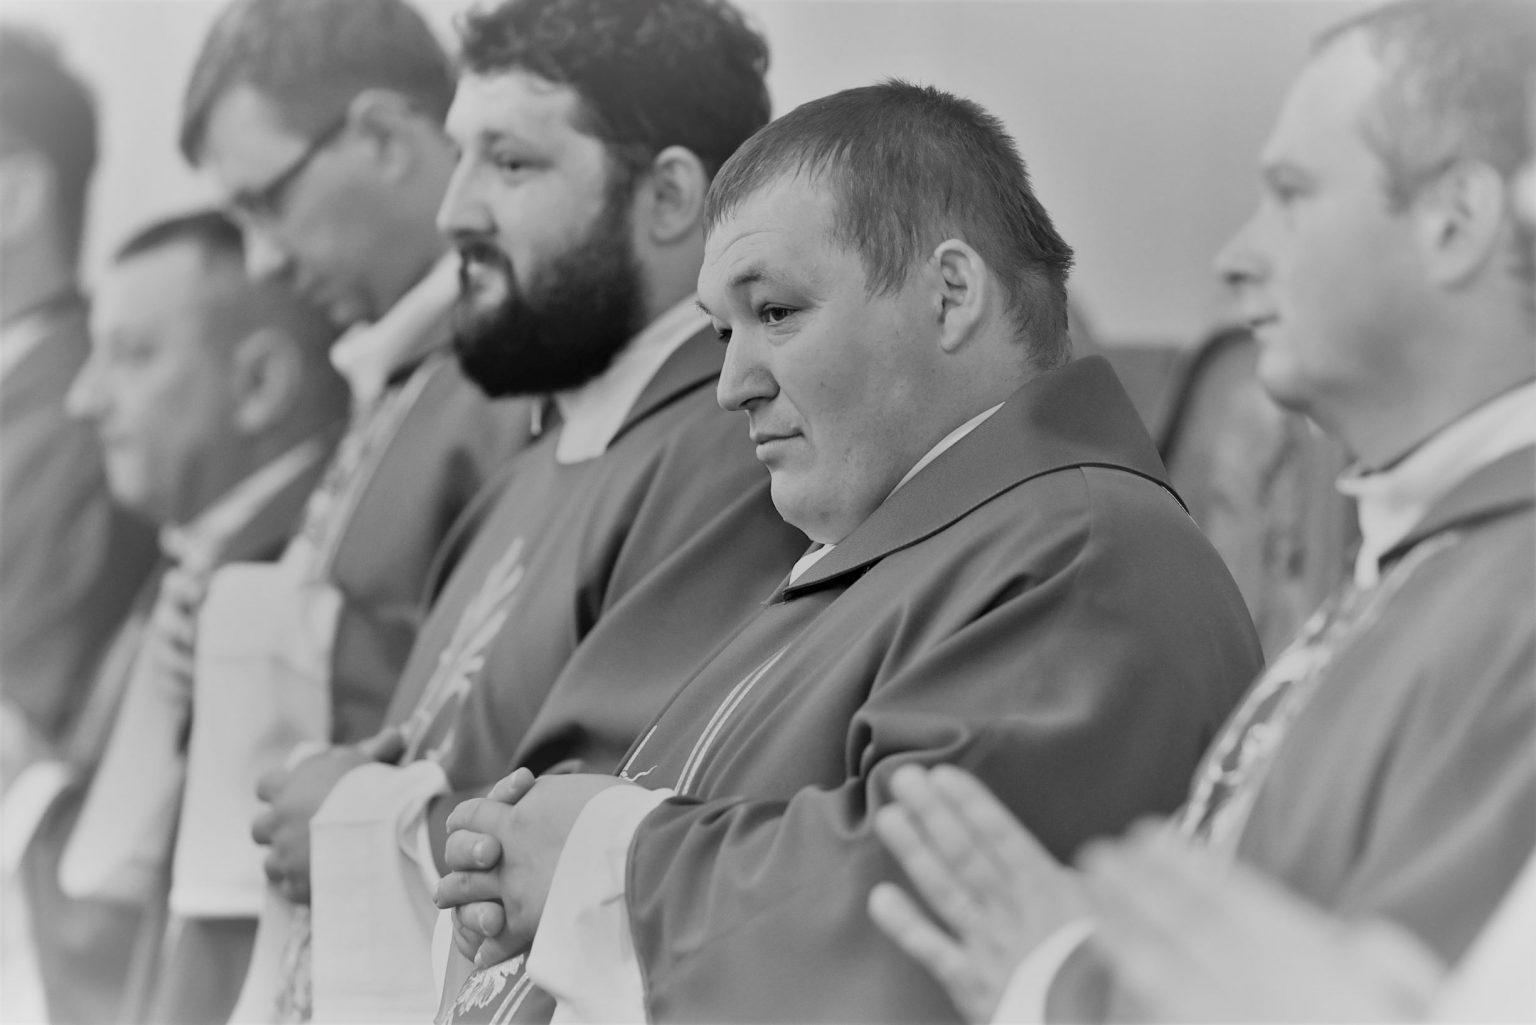 Mecz ku pamięci zmarłego ks. Tomasz Blicharza  - Zdjęcie główne